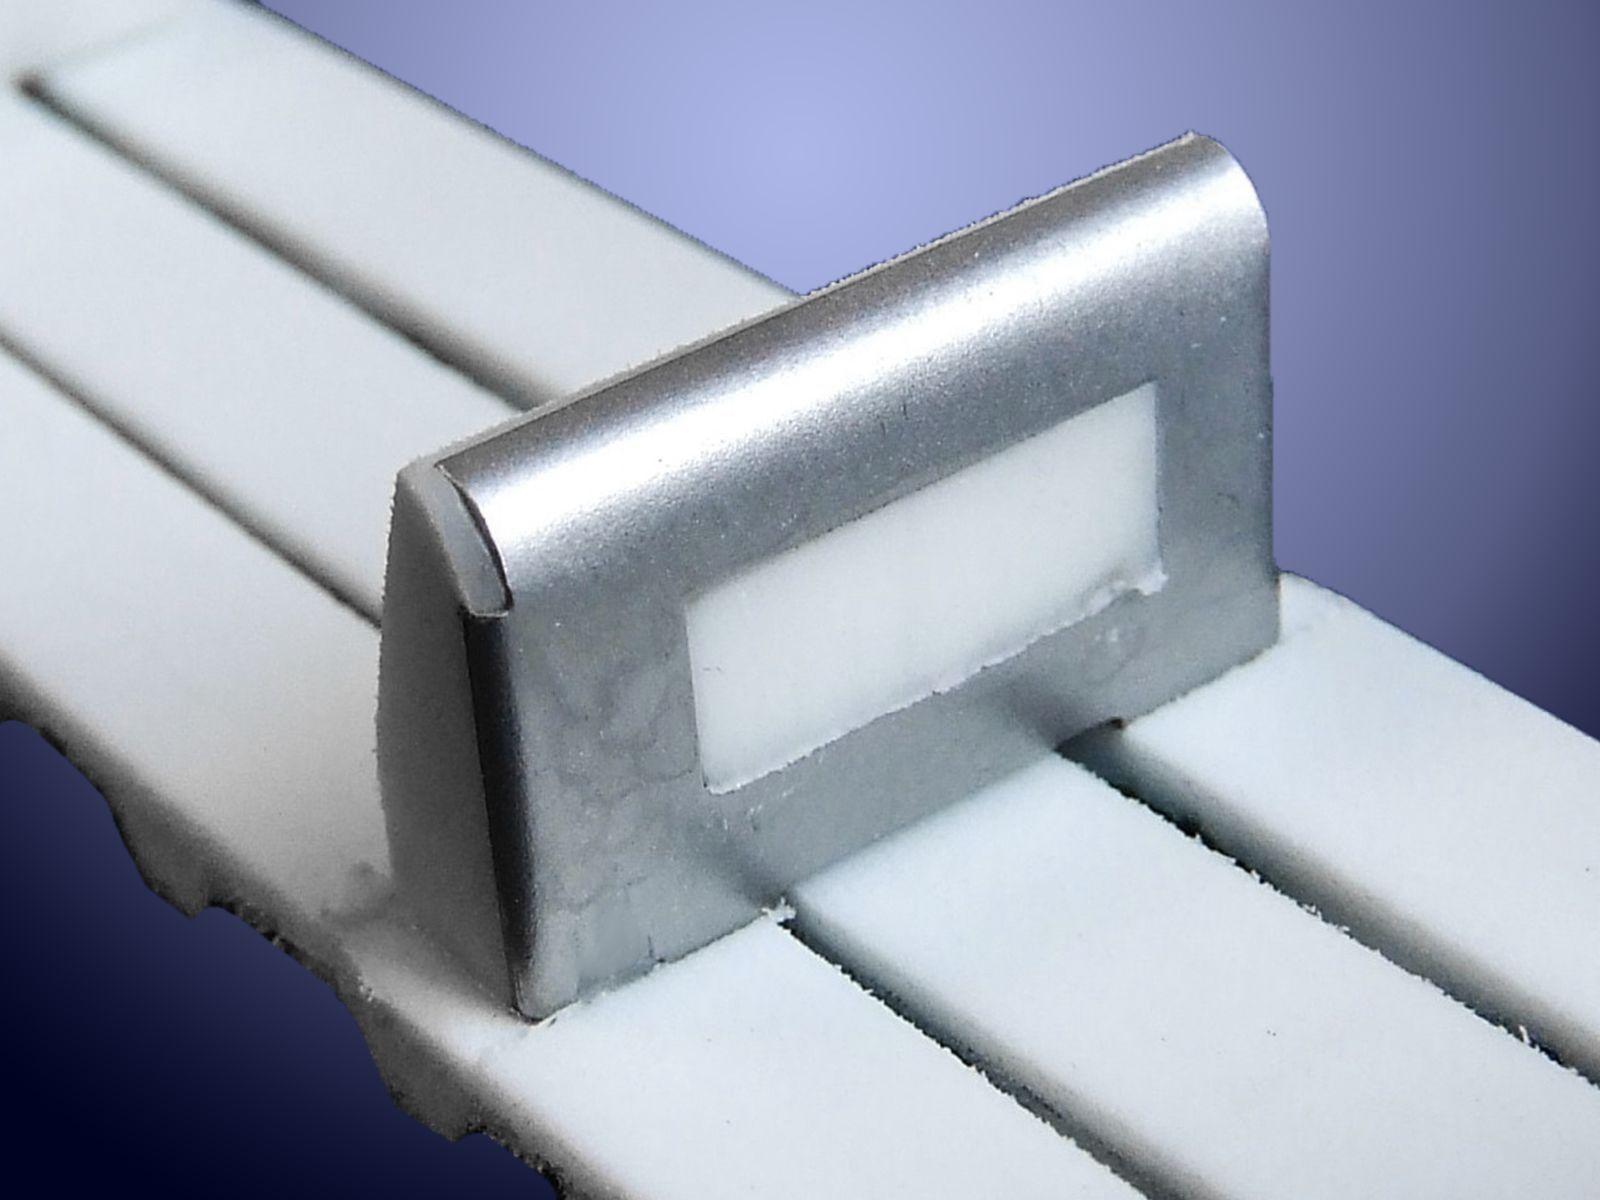 La parte metallica del tassello riduce il consumo precoce del sistema di trasporto scatole